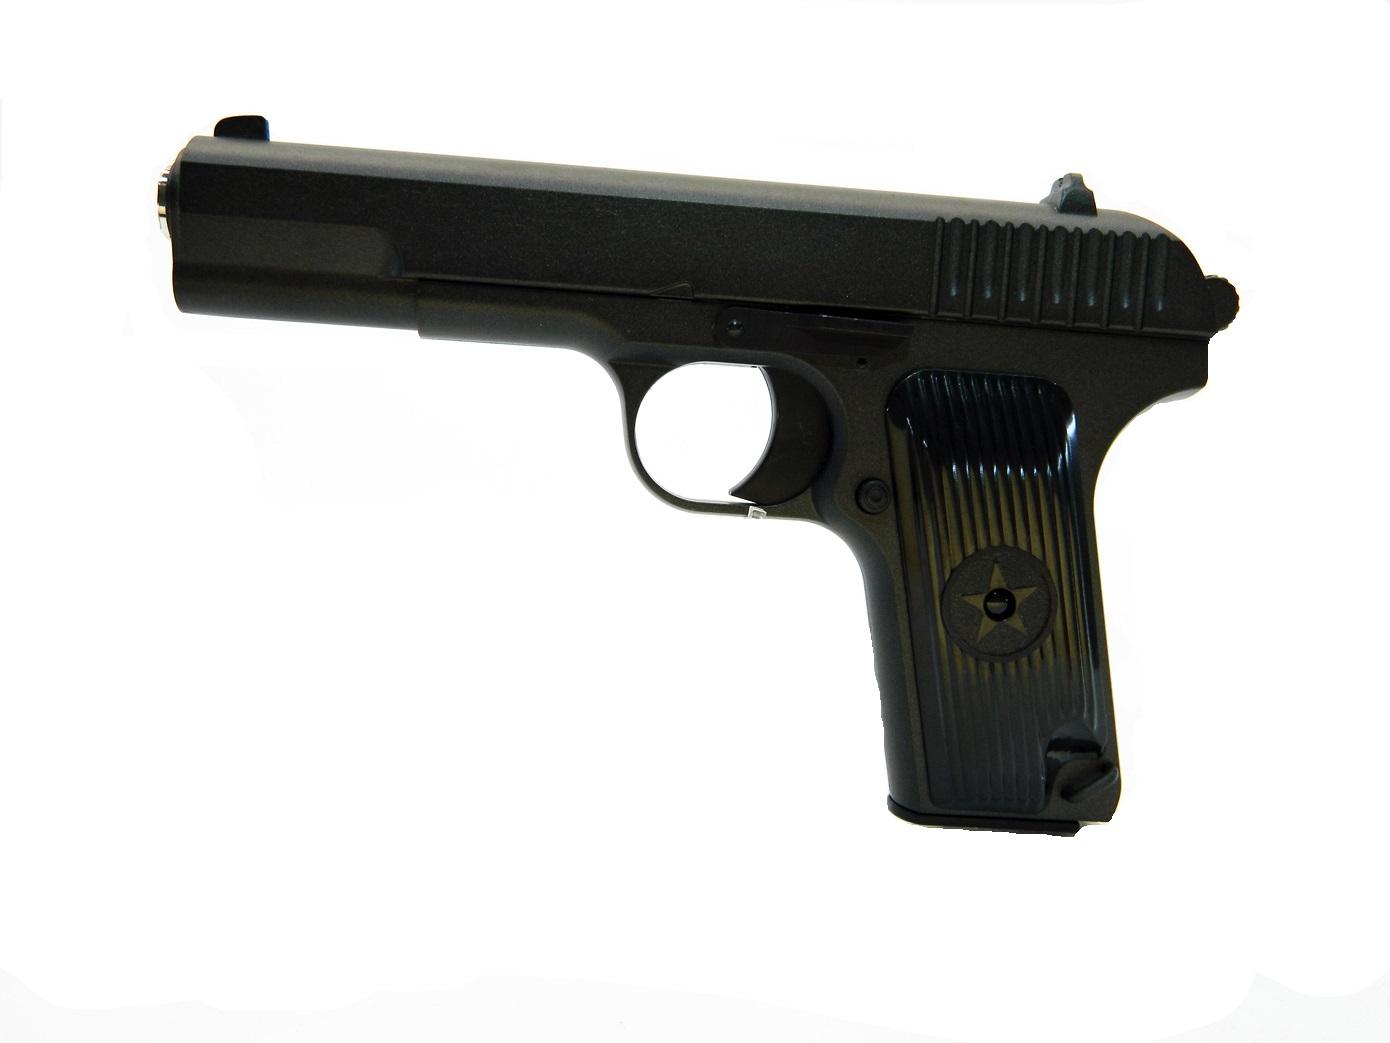 Макет пистолета Токарева ТТ в масштабе 1:1